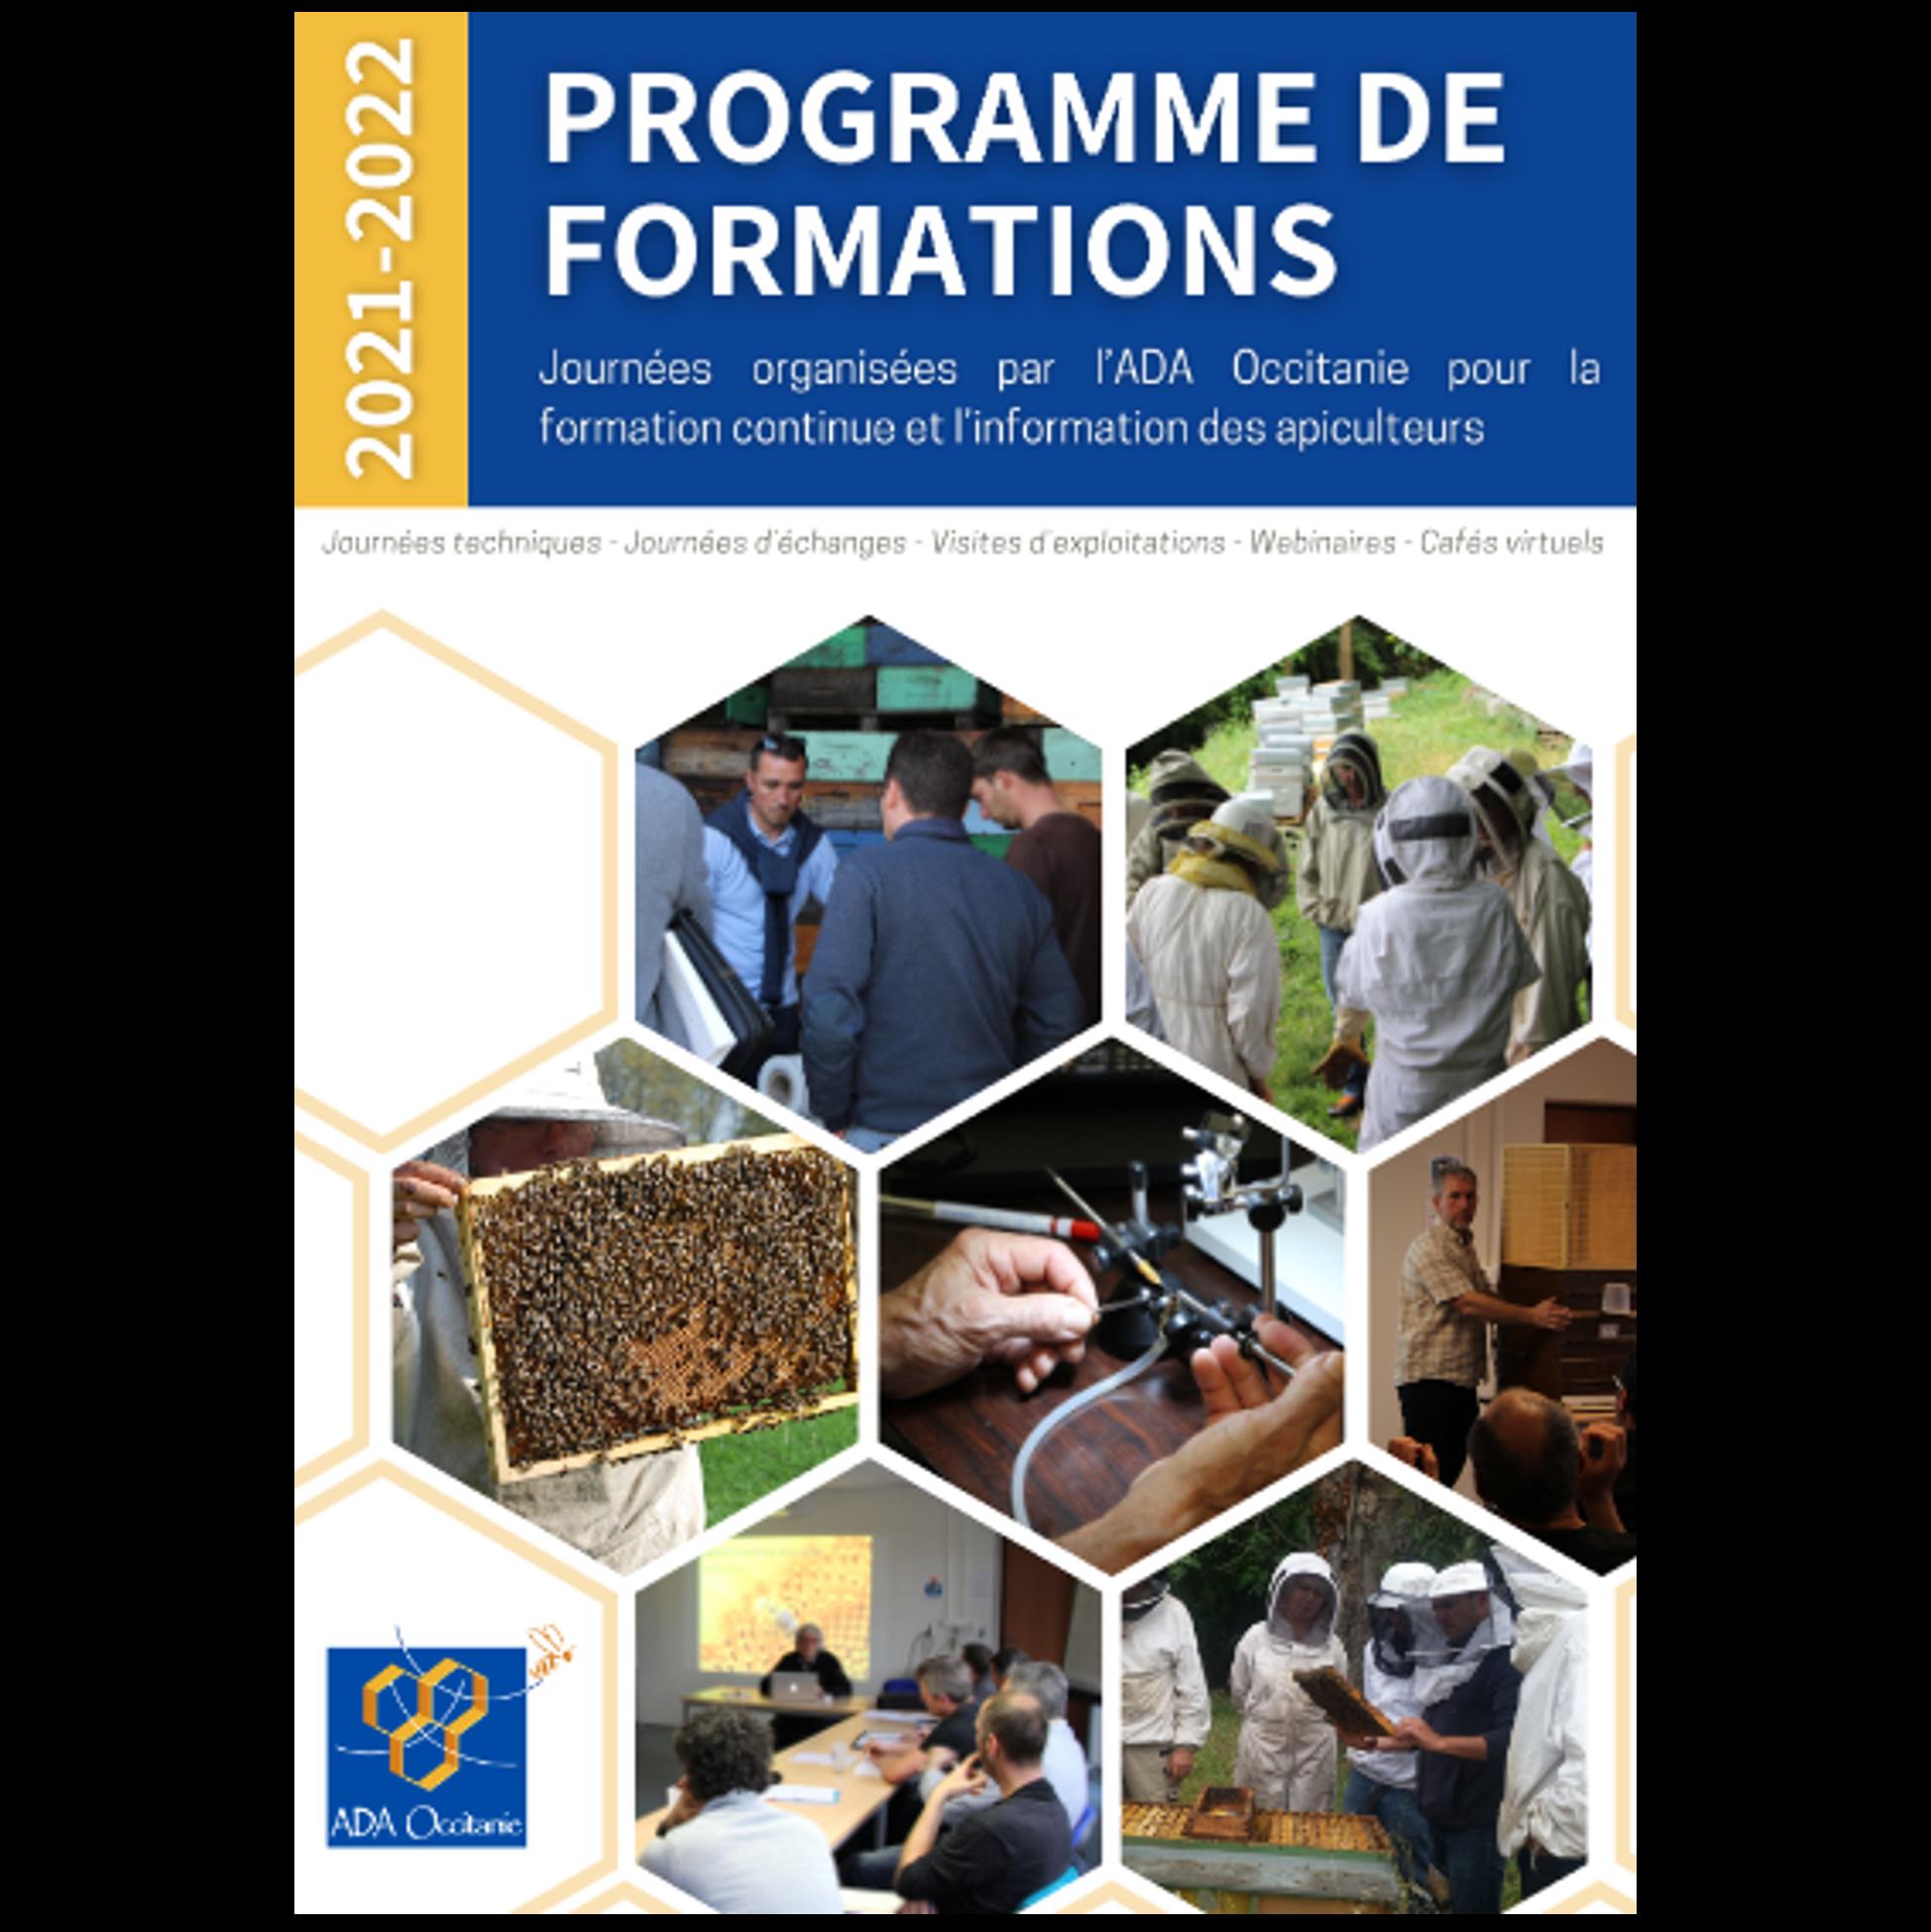 Catalogue des formations Association de Développement de l'Apiculture Occitanie 2021-2022_carré